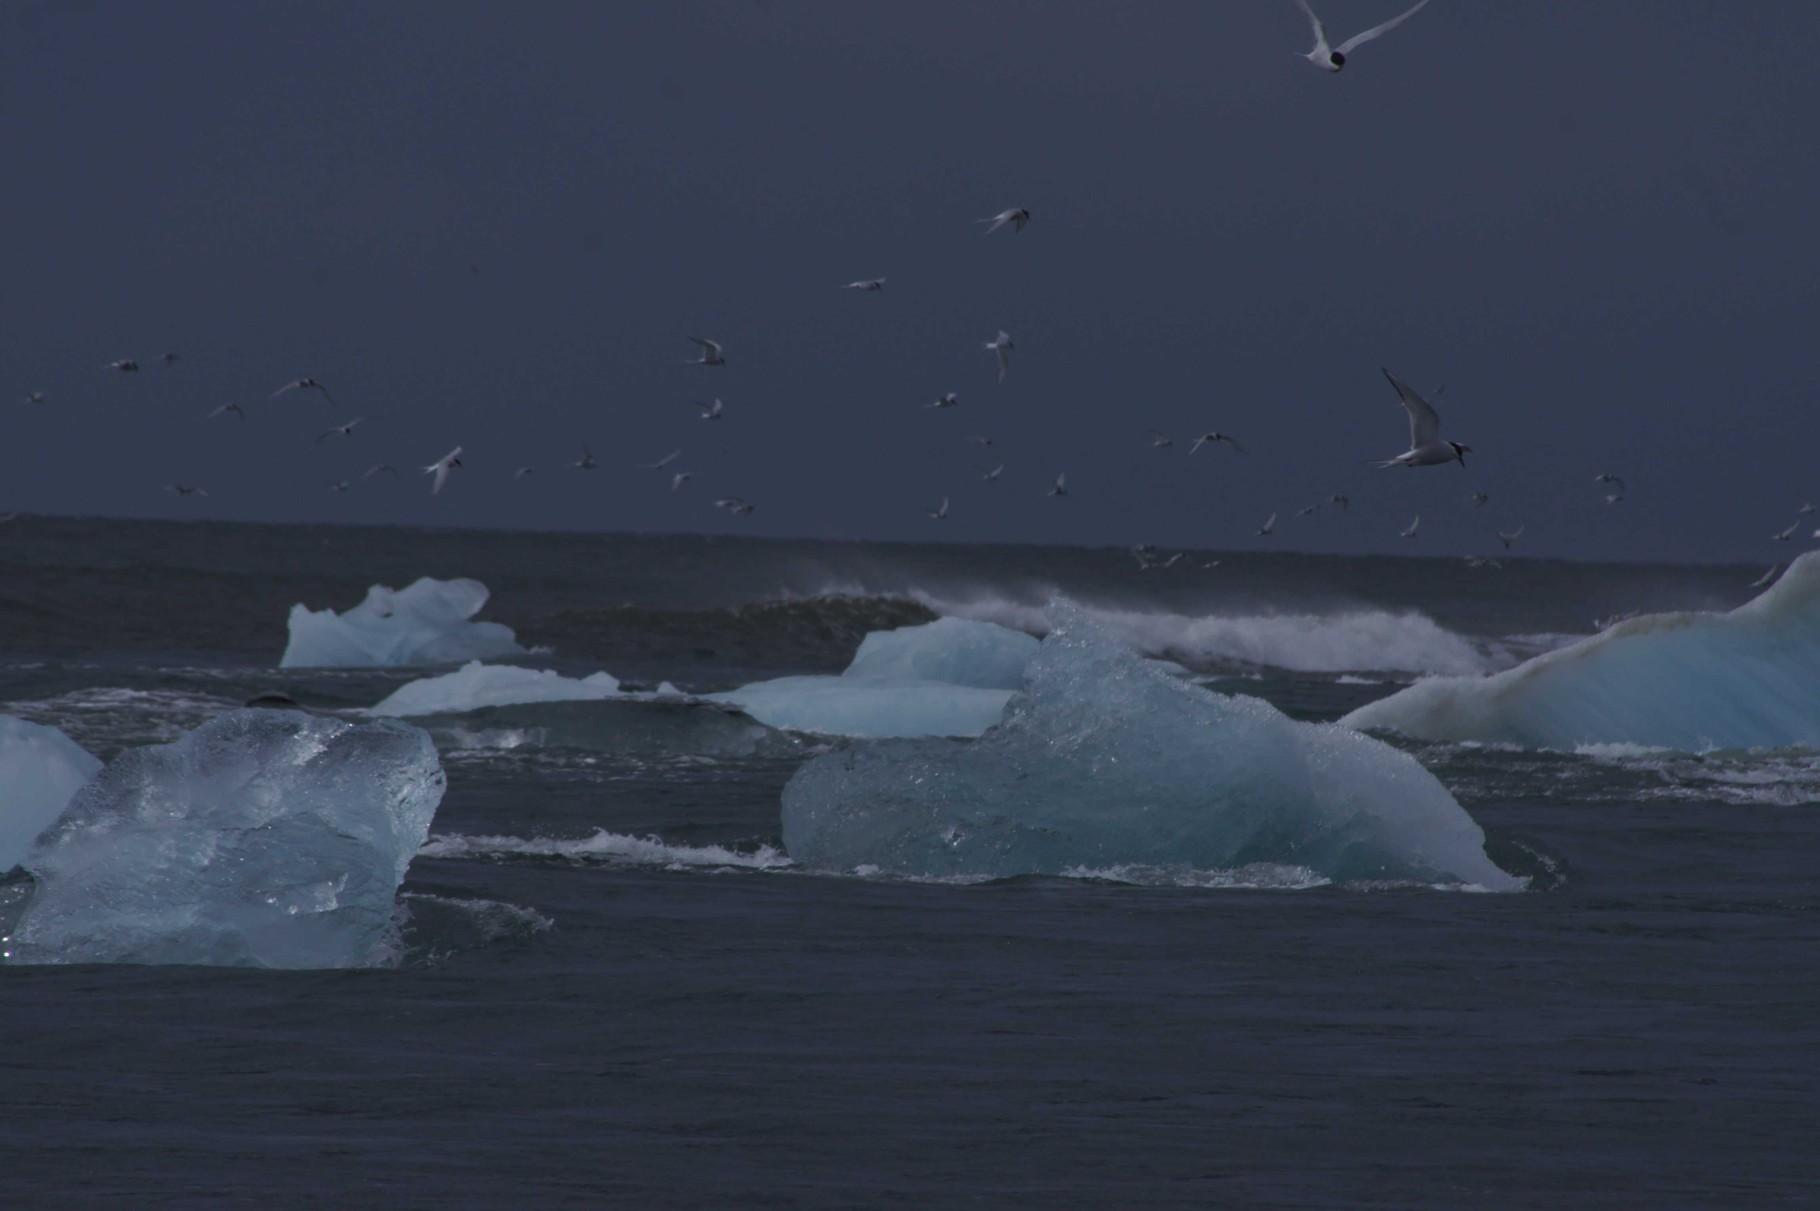 Gletschereis auf offener See bei Jökulsárlón